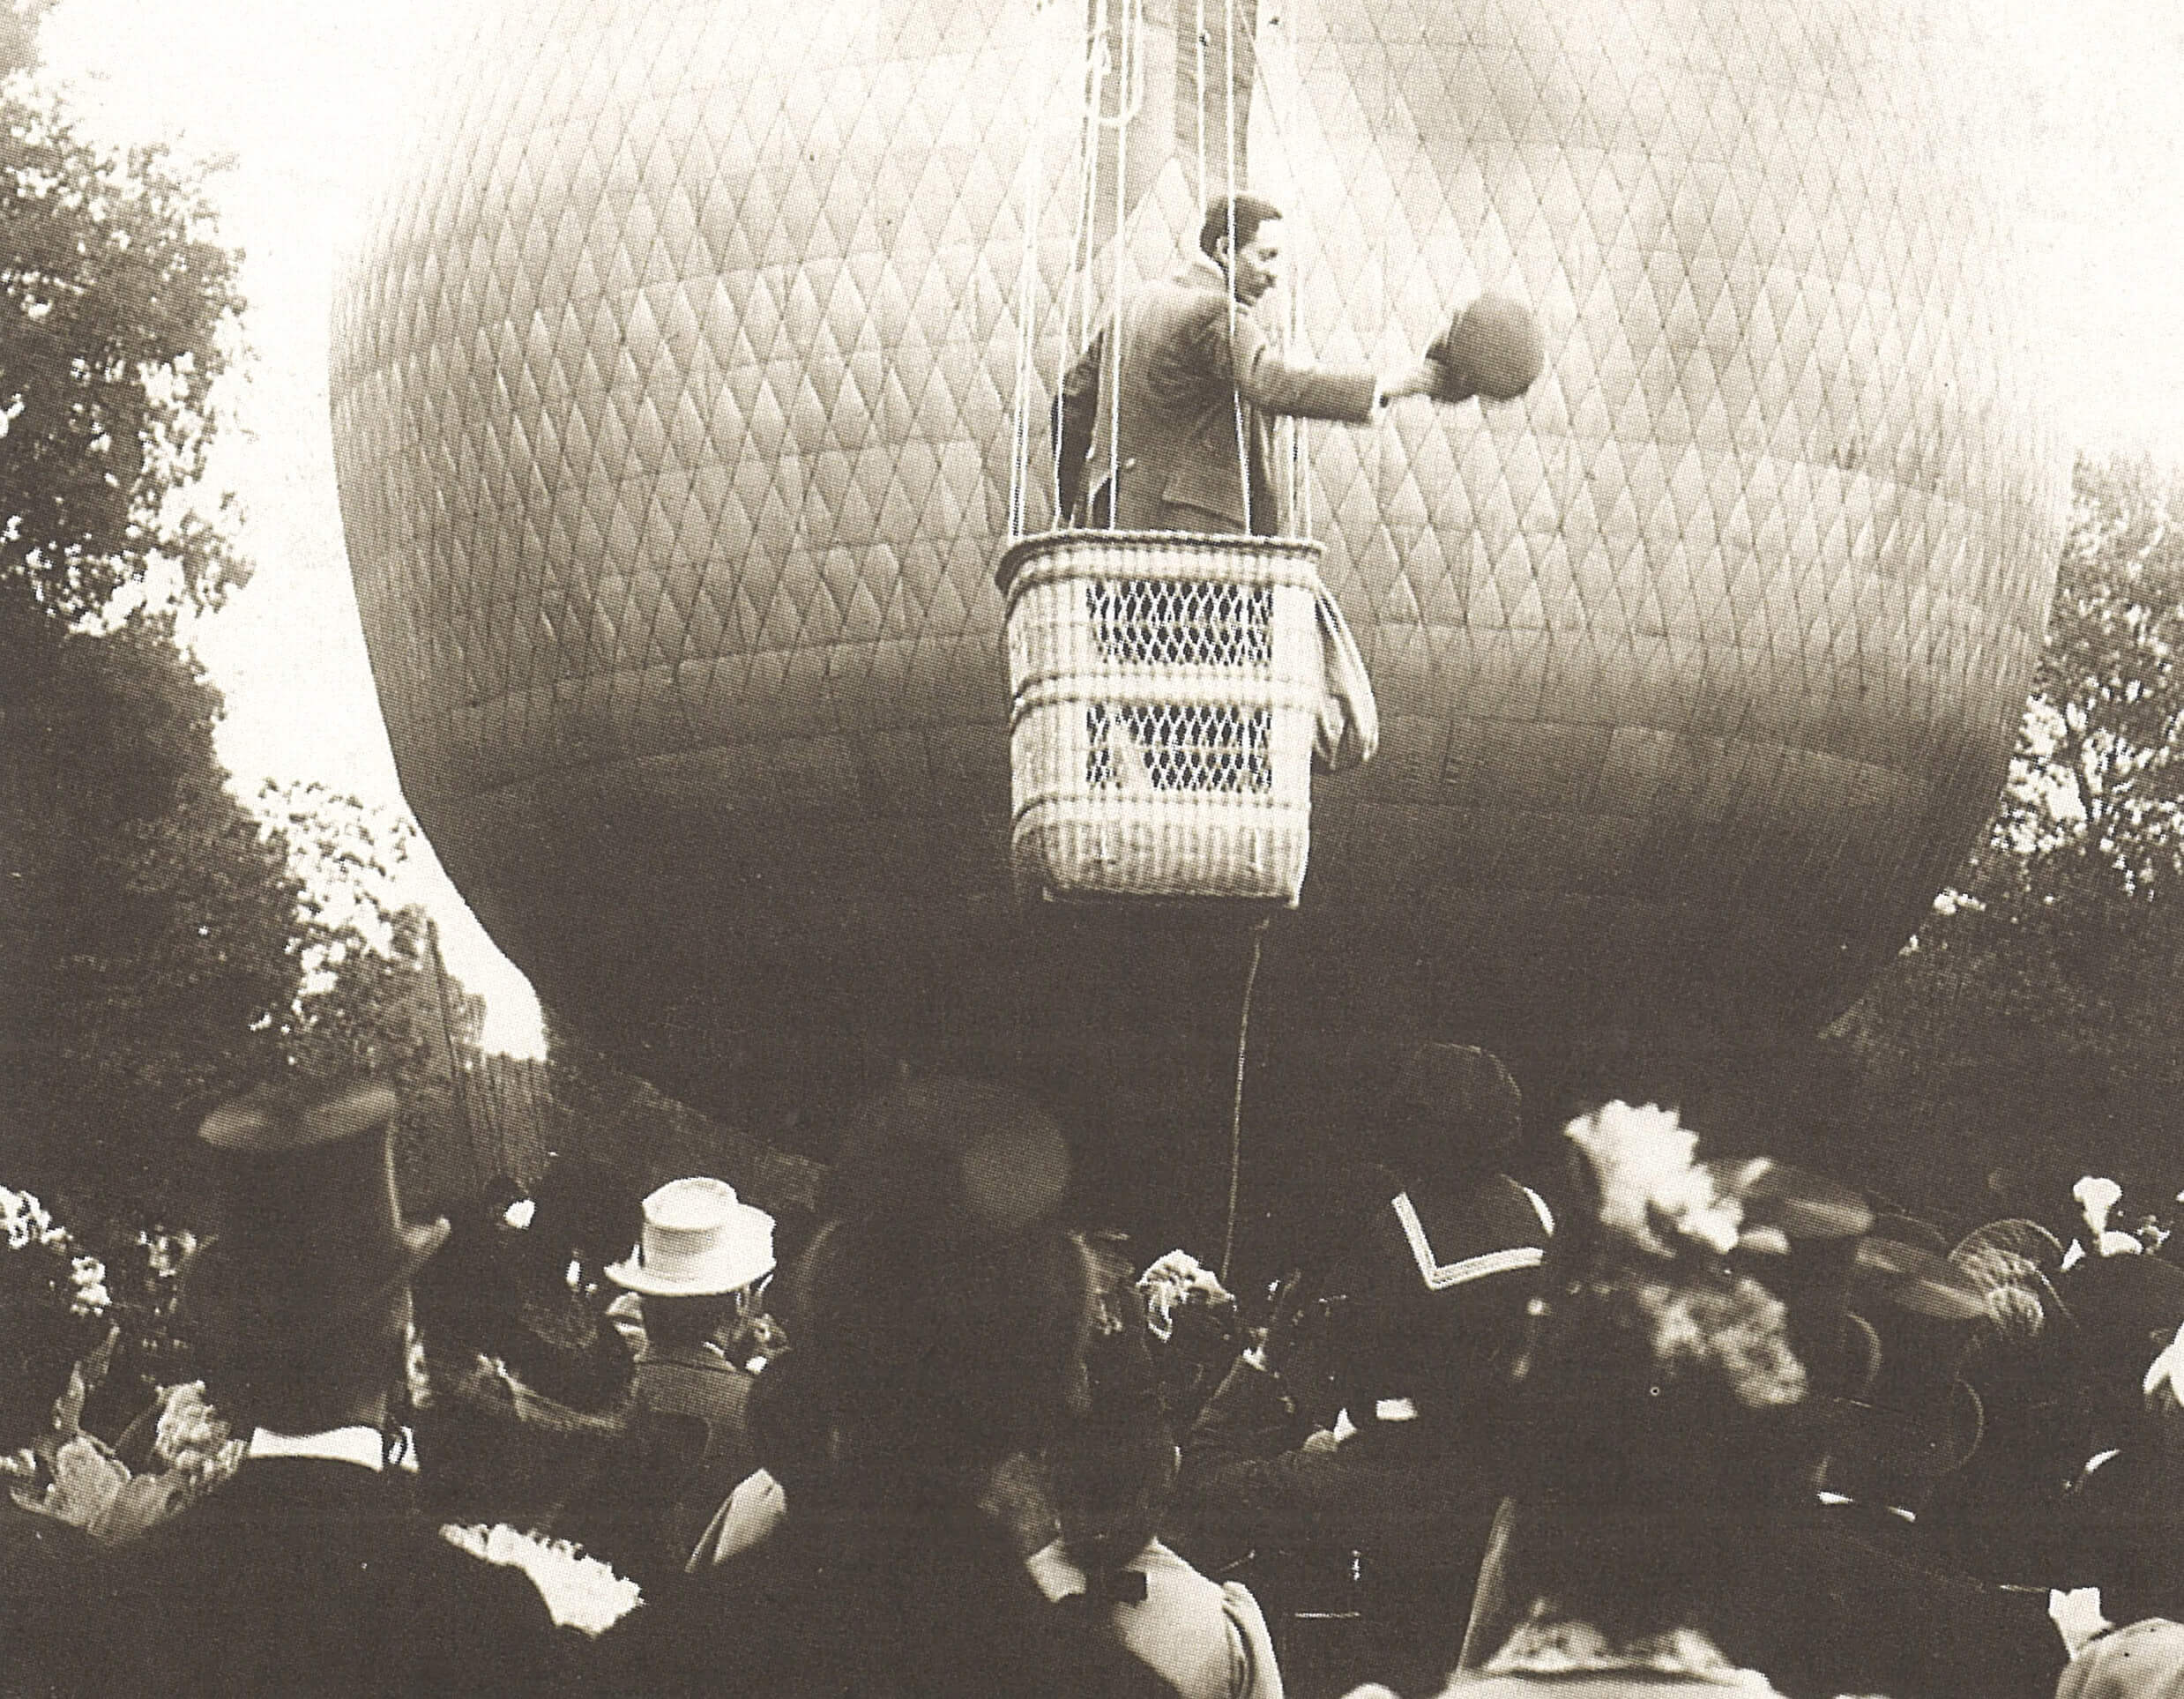 Voo do balão Brasil, 1898_credito divulgacao